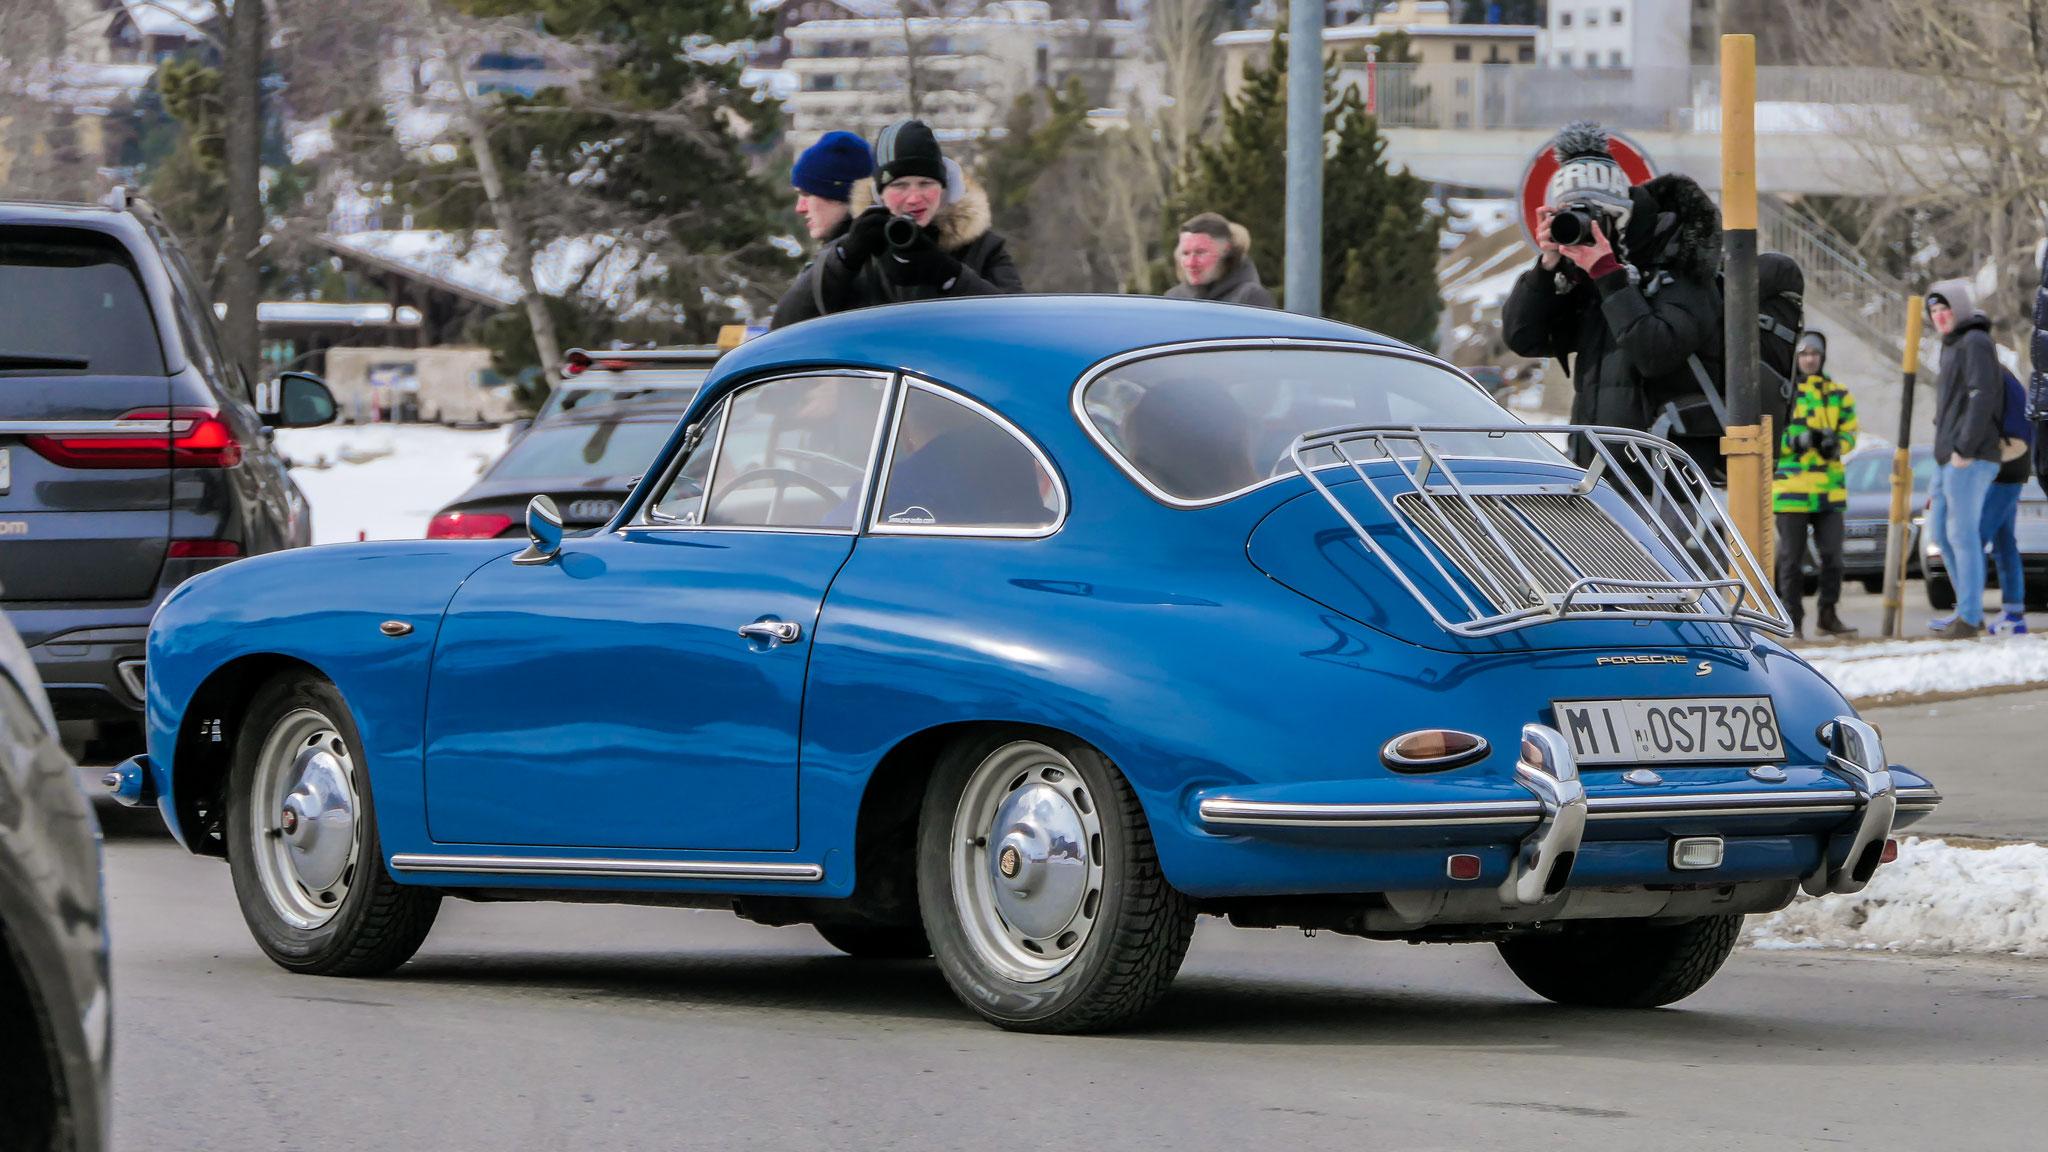 Porsche 356 1600S - MI-OS7328 (ITA)